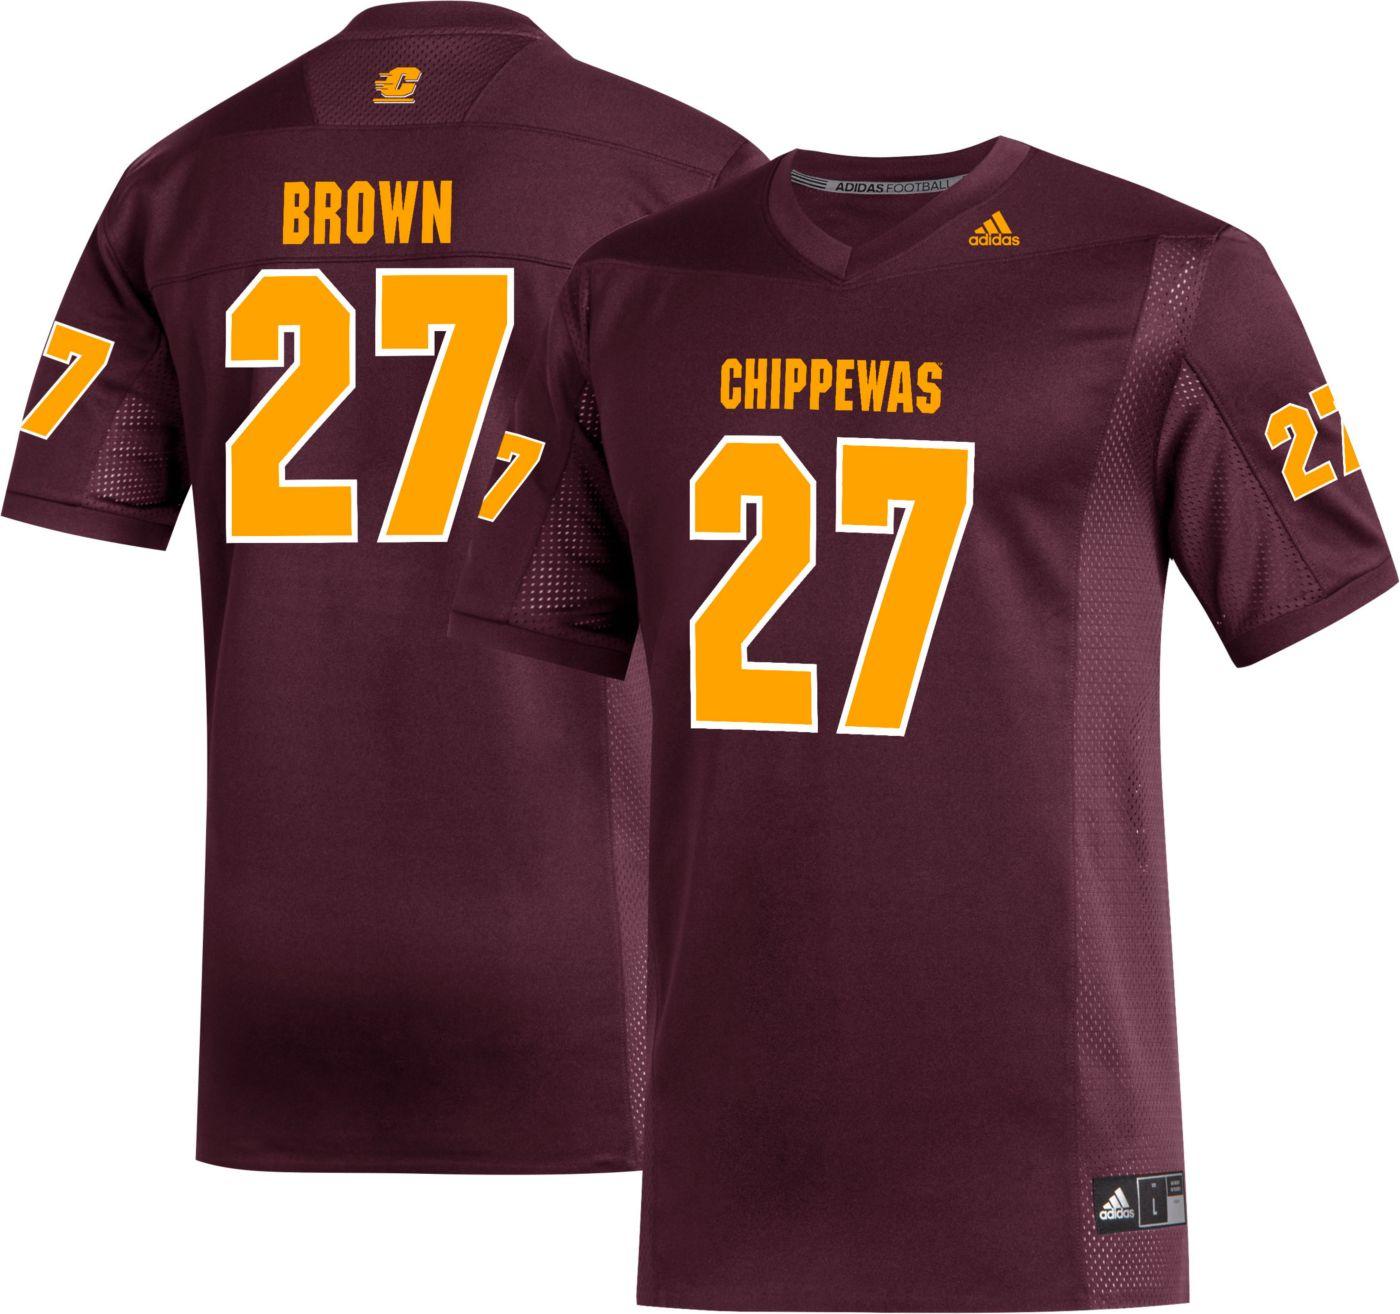 adidas Men's Antonio Brown Central Michigan Chippewas #27 Maroon Replica Football Jersey